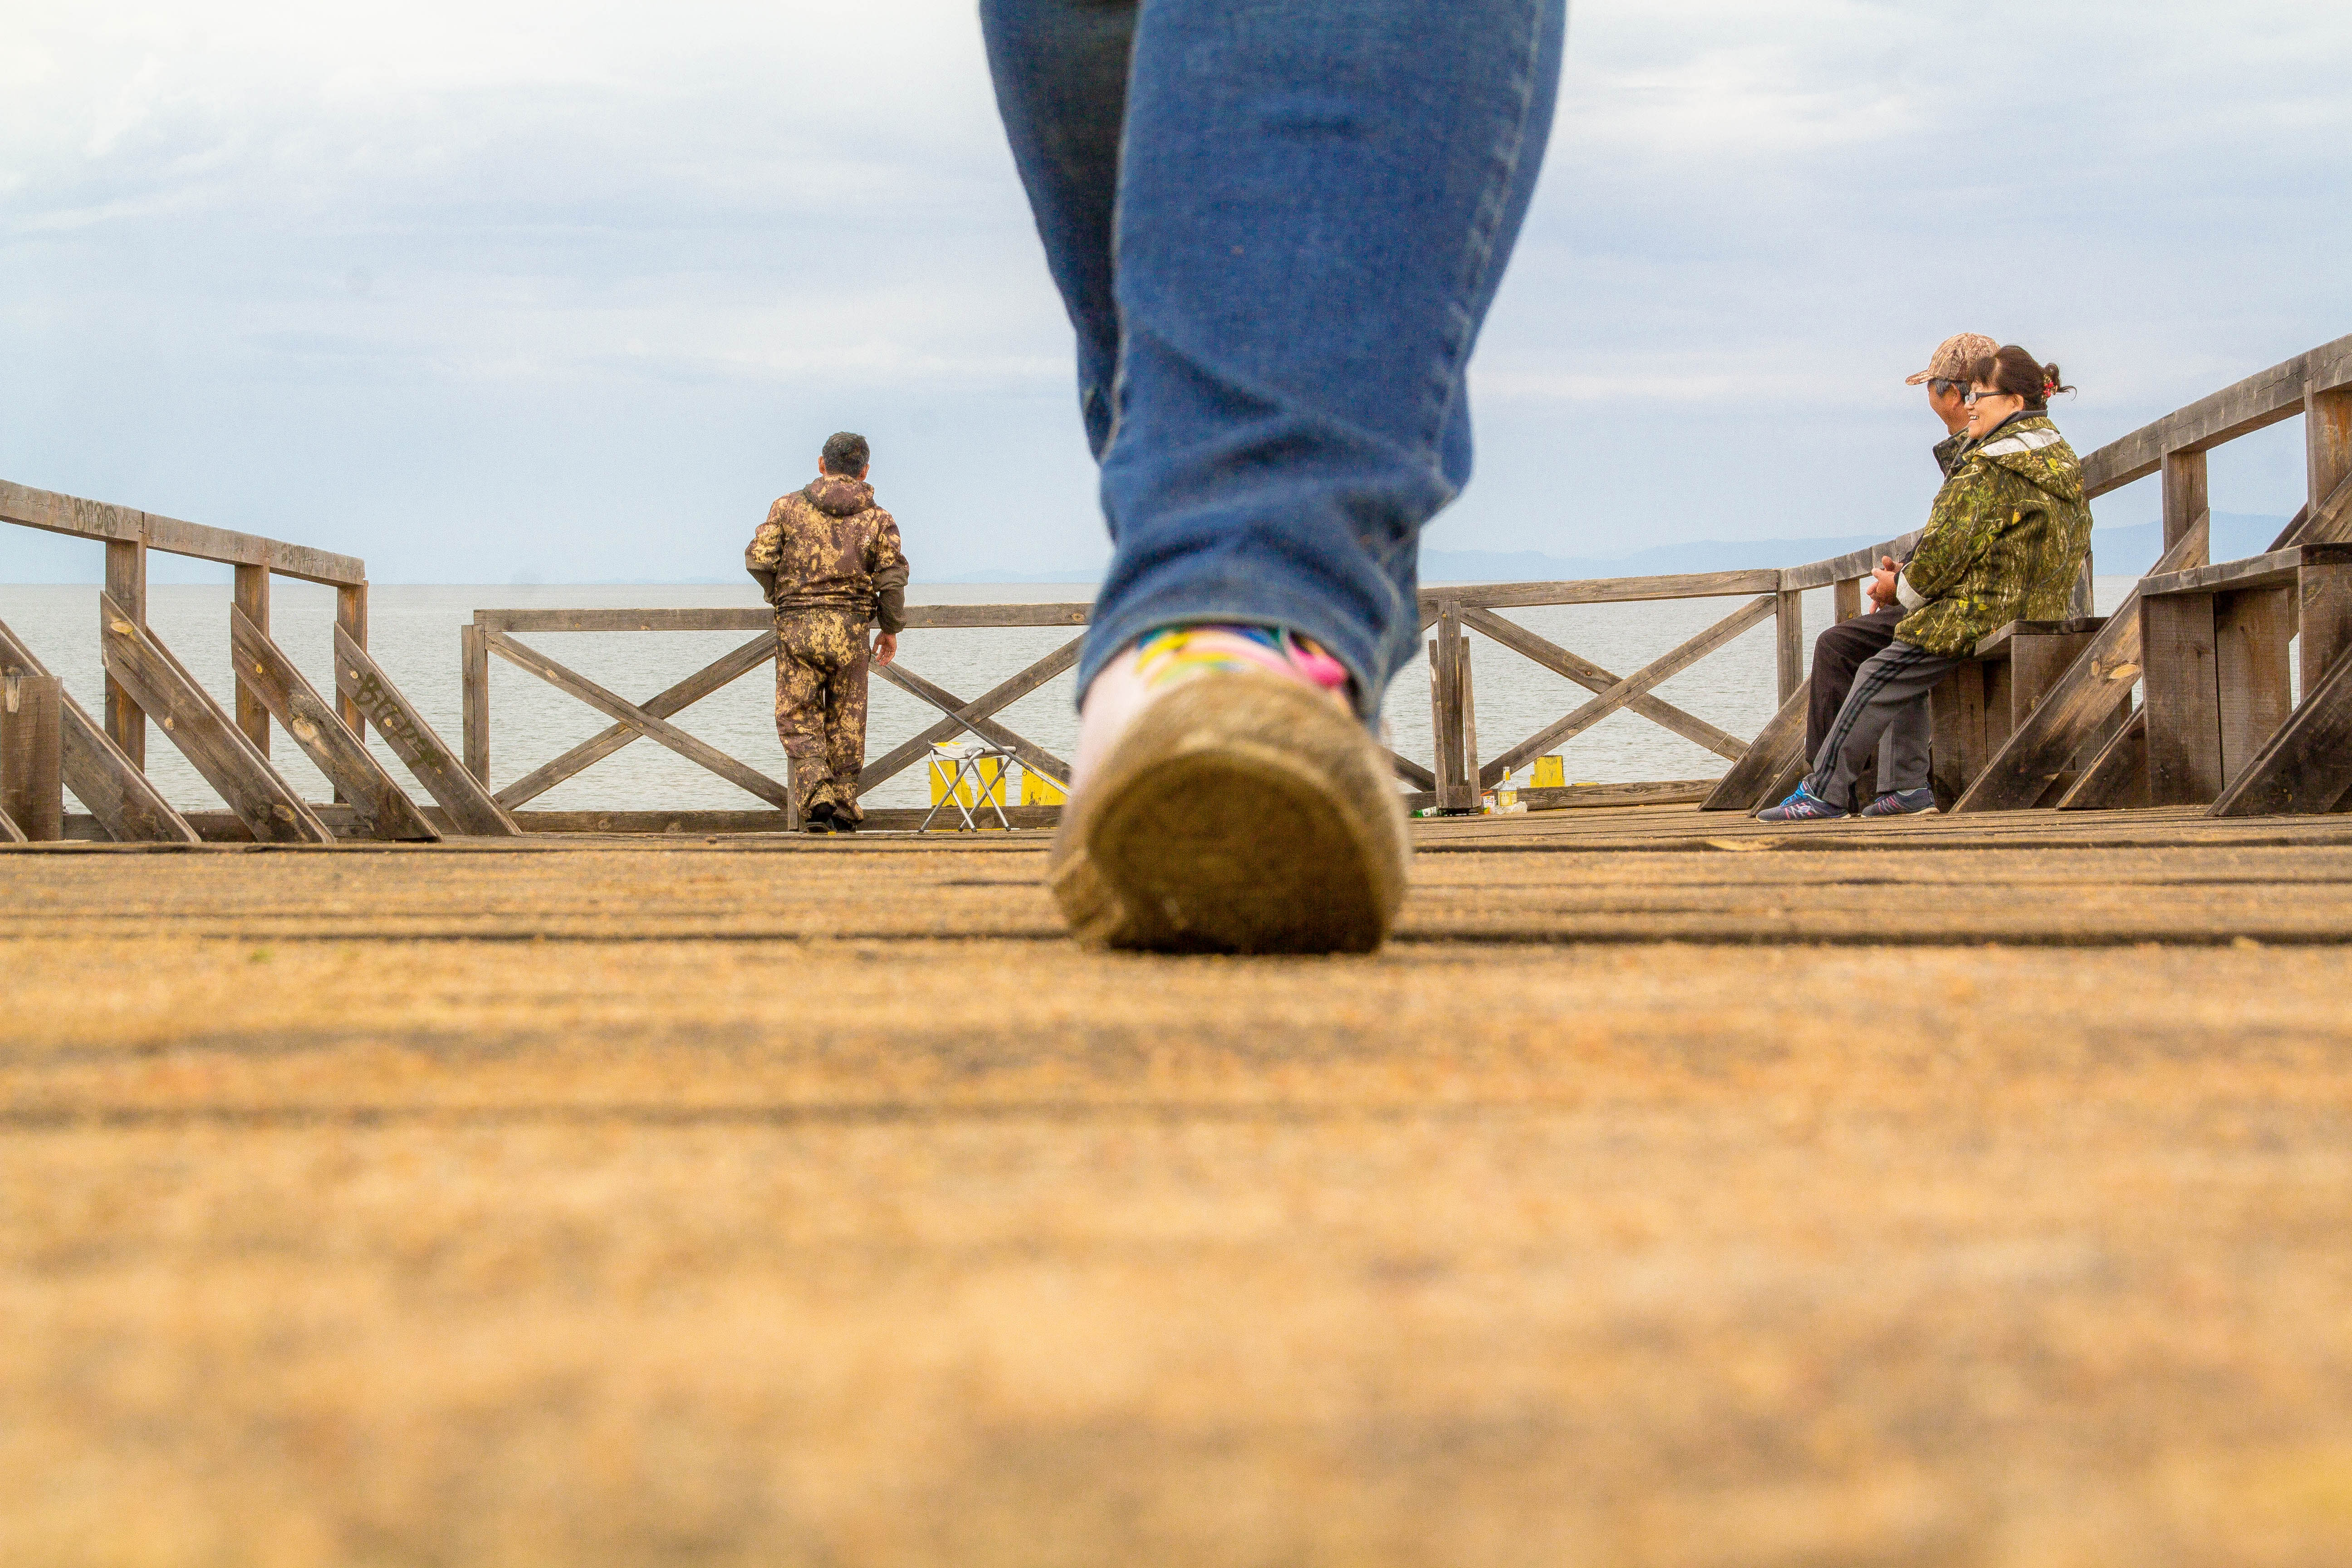 Сколько в мире дорог? Это число для каждого свое - оно равно количеству шагов котрые сделали ваши ноги.